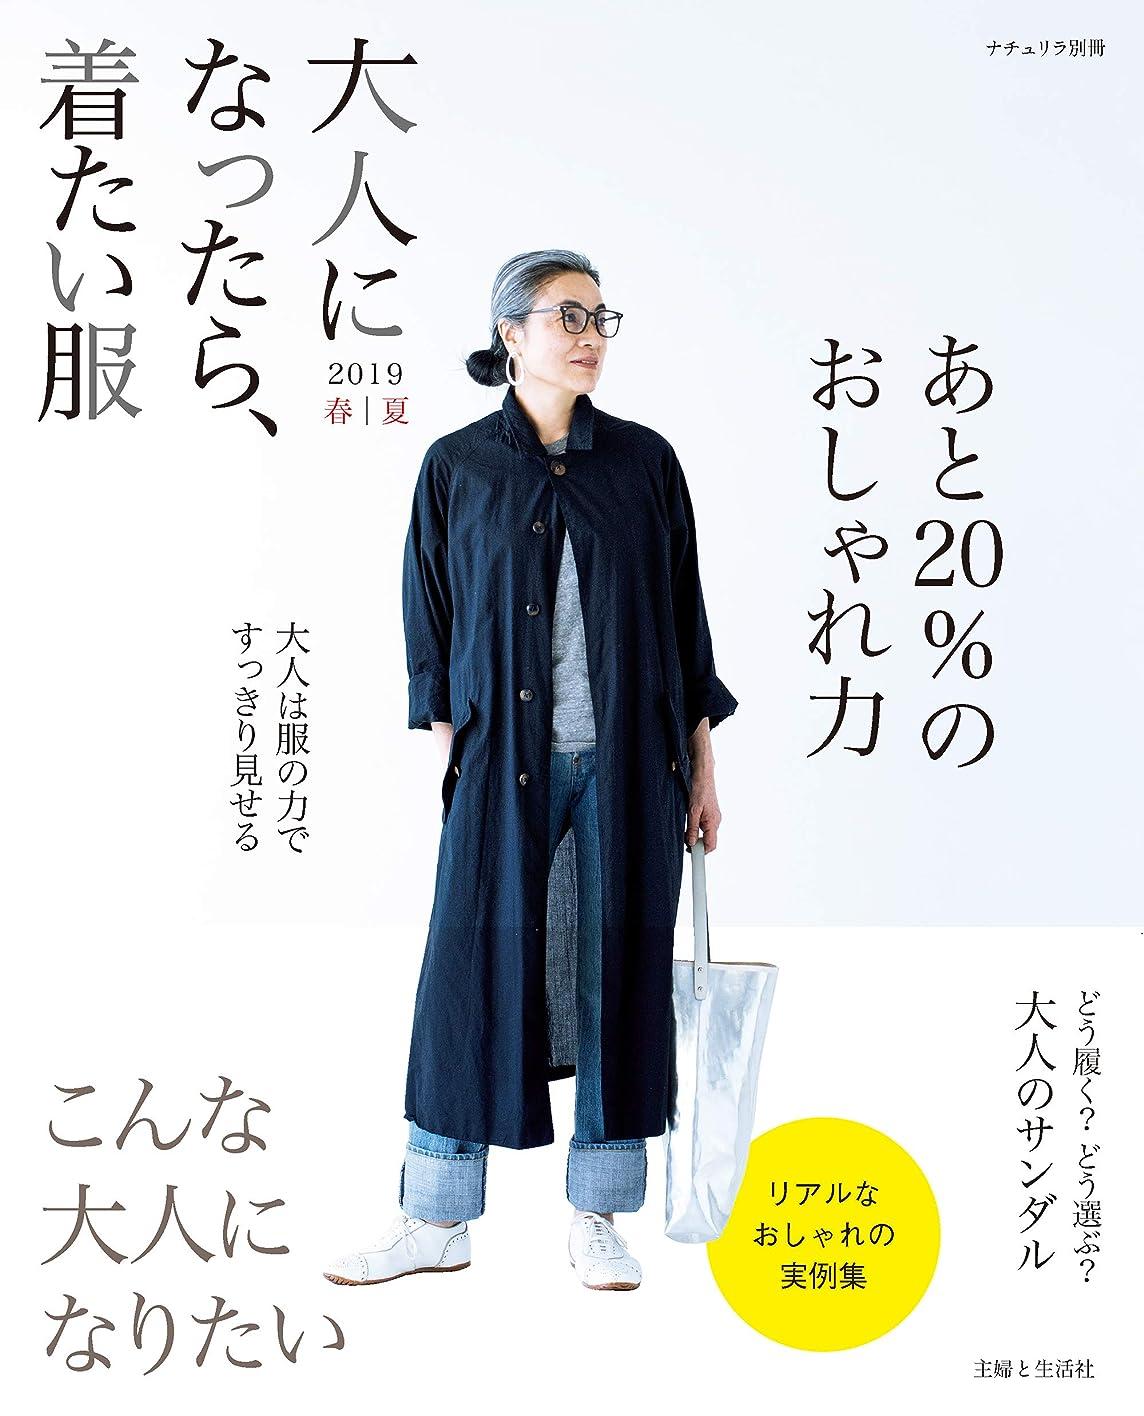 微生物取る鋭く大人になったら、着たい服 2019春夏 (ナチュリラ別冊)